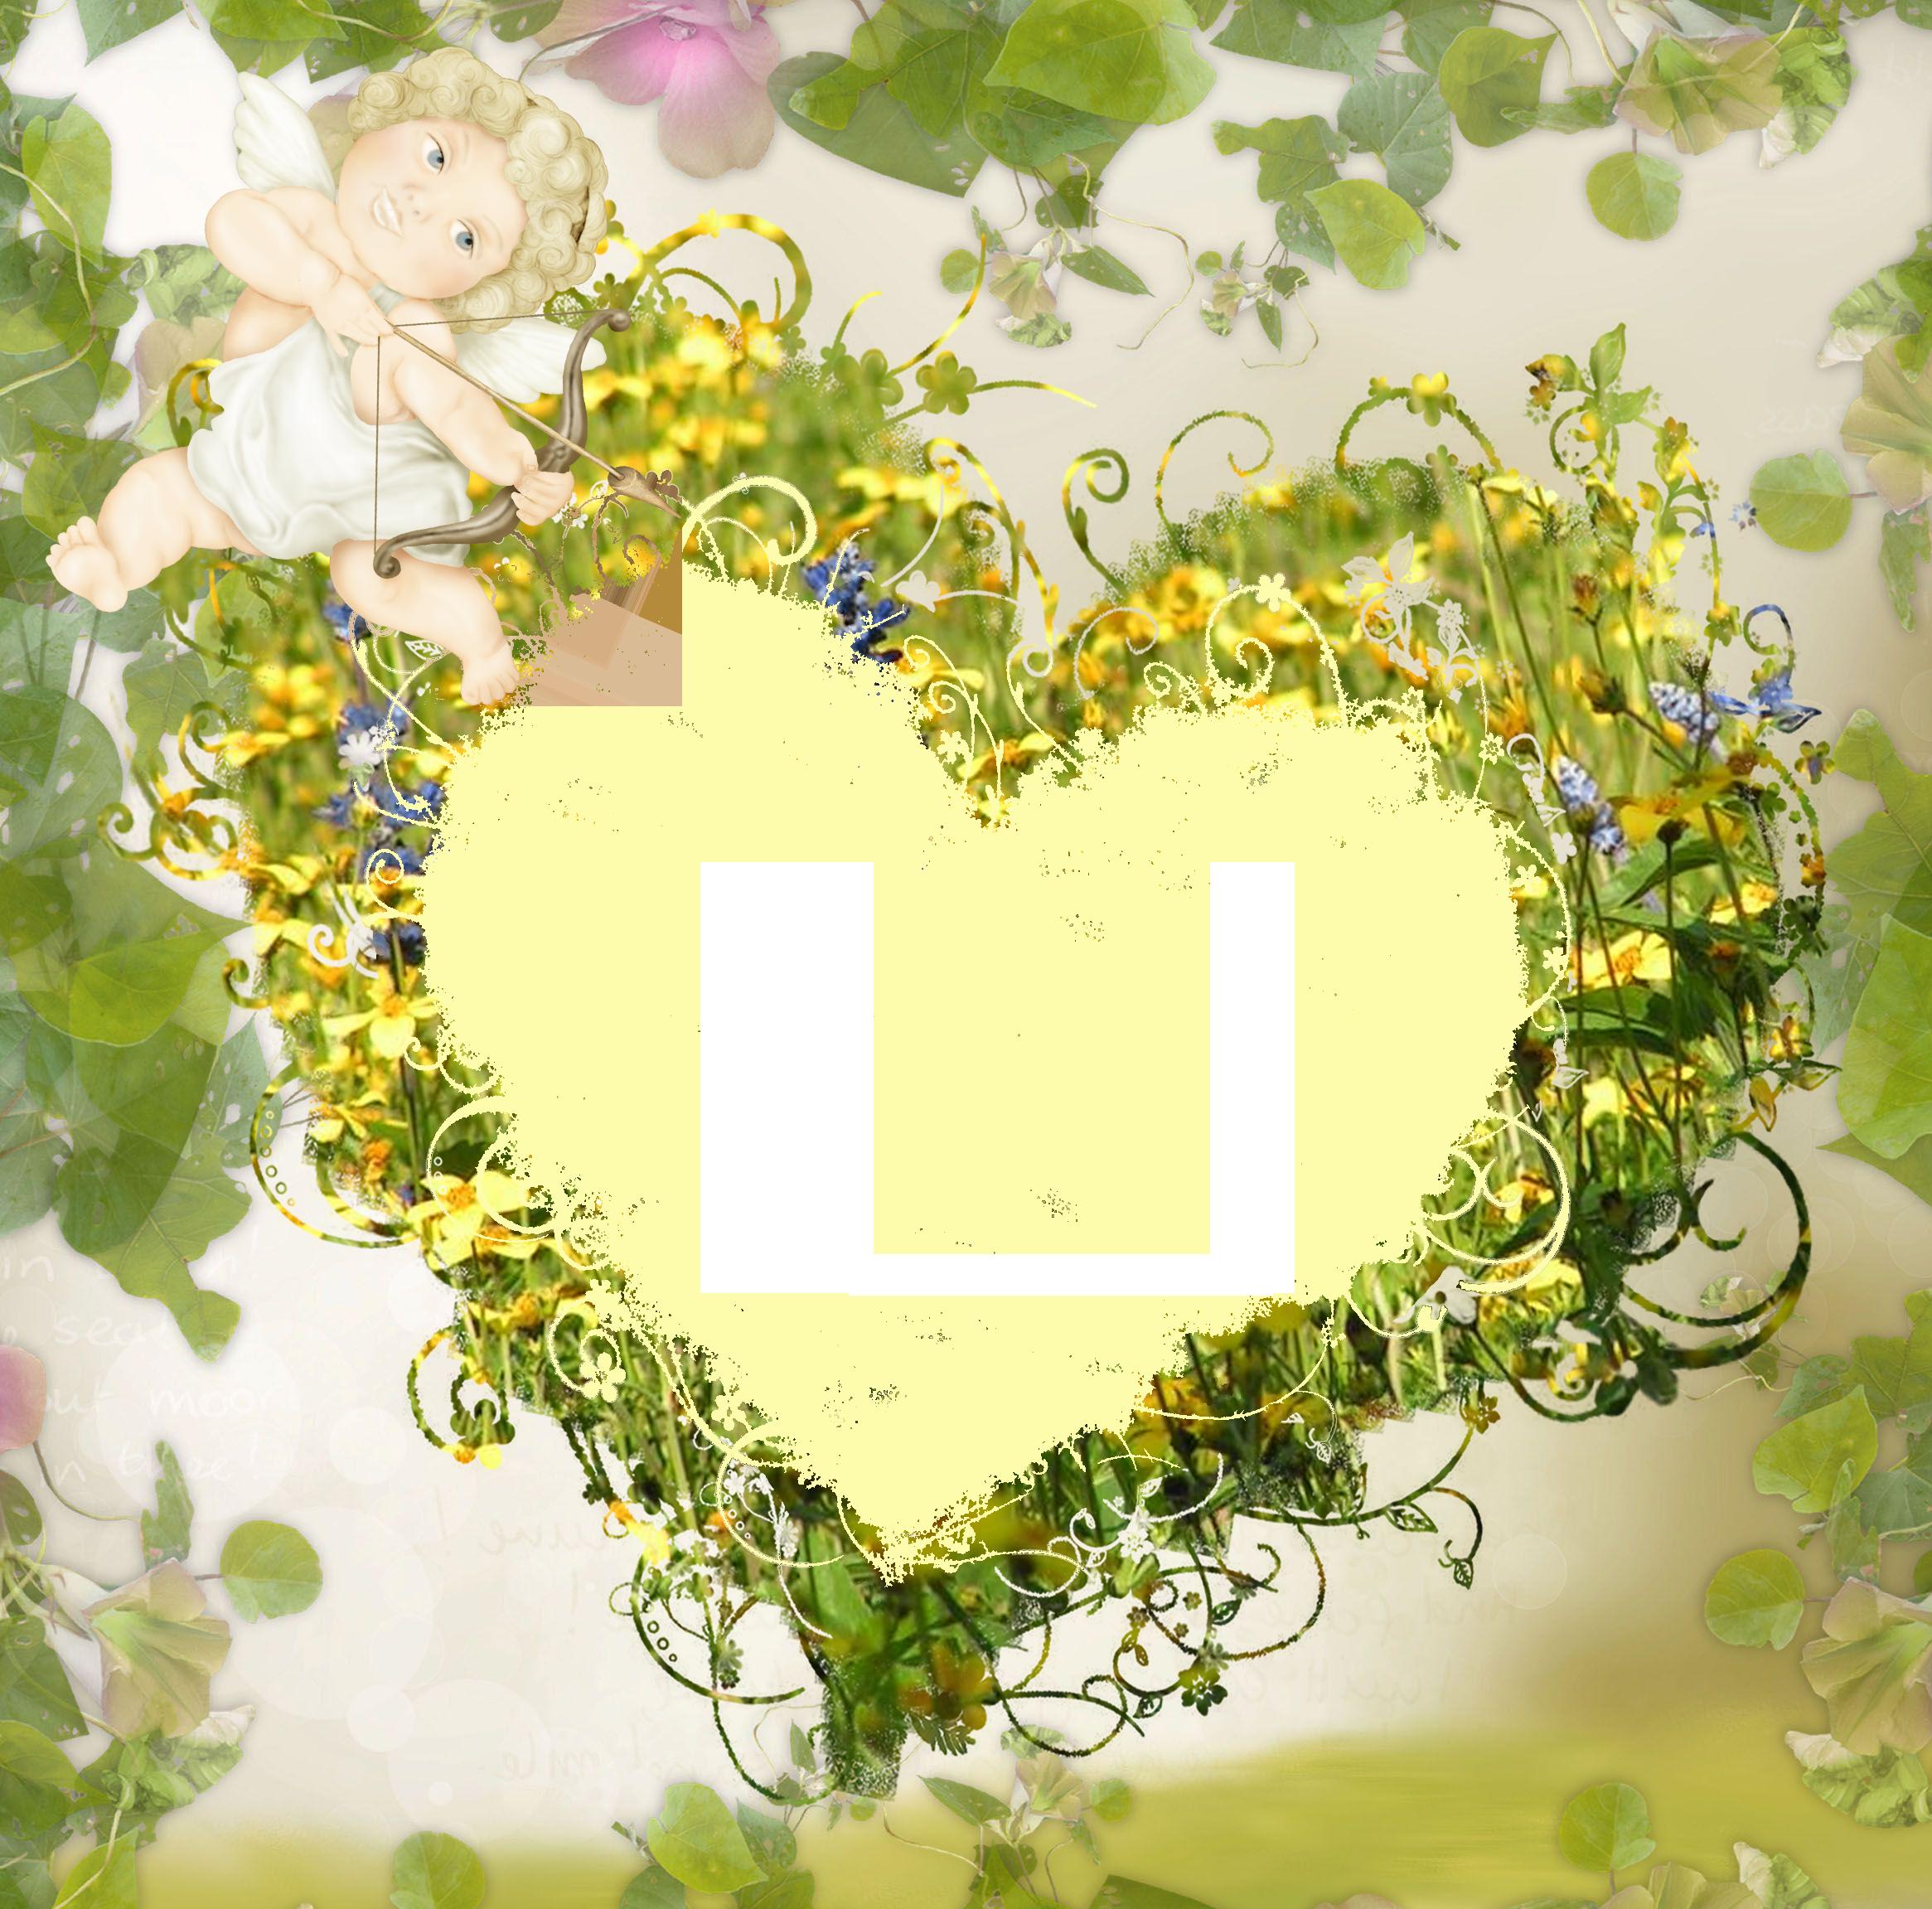 Сигурни уивер фото сердцеедки анимированные картинки